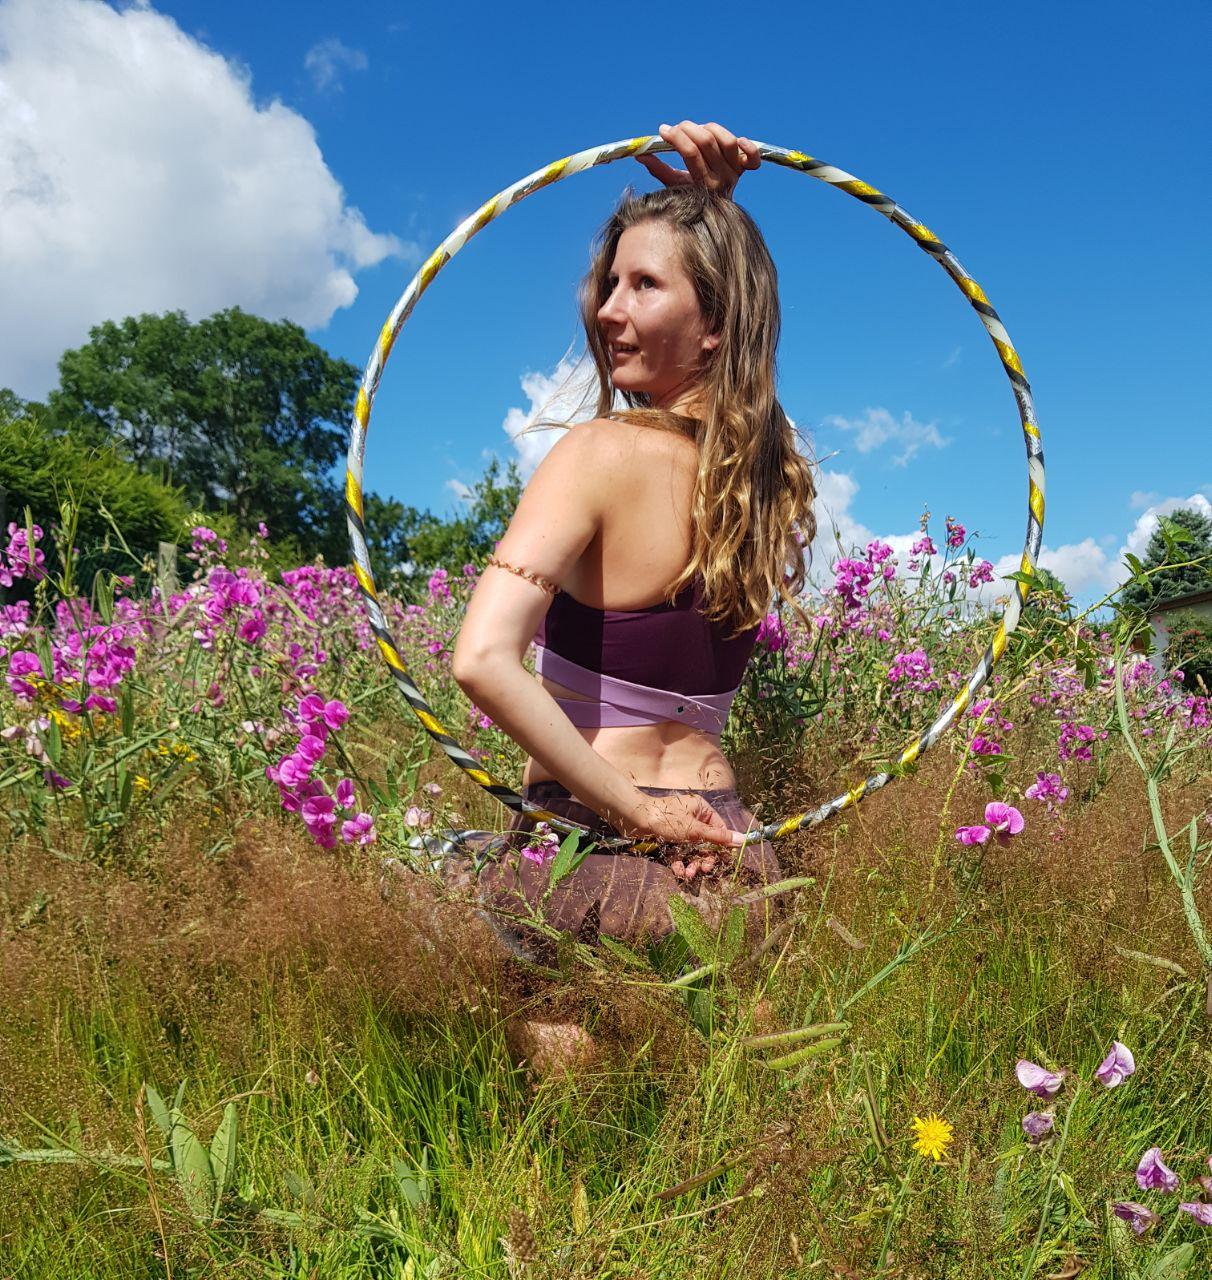 Eine junge blode Frau posiert mit ihrem Hula-Hoop-Reifen.